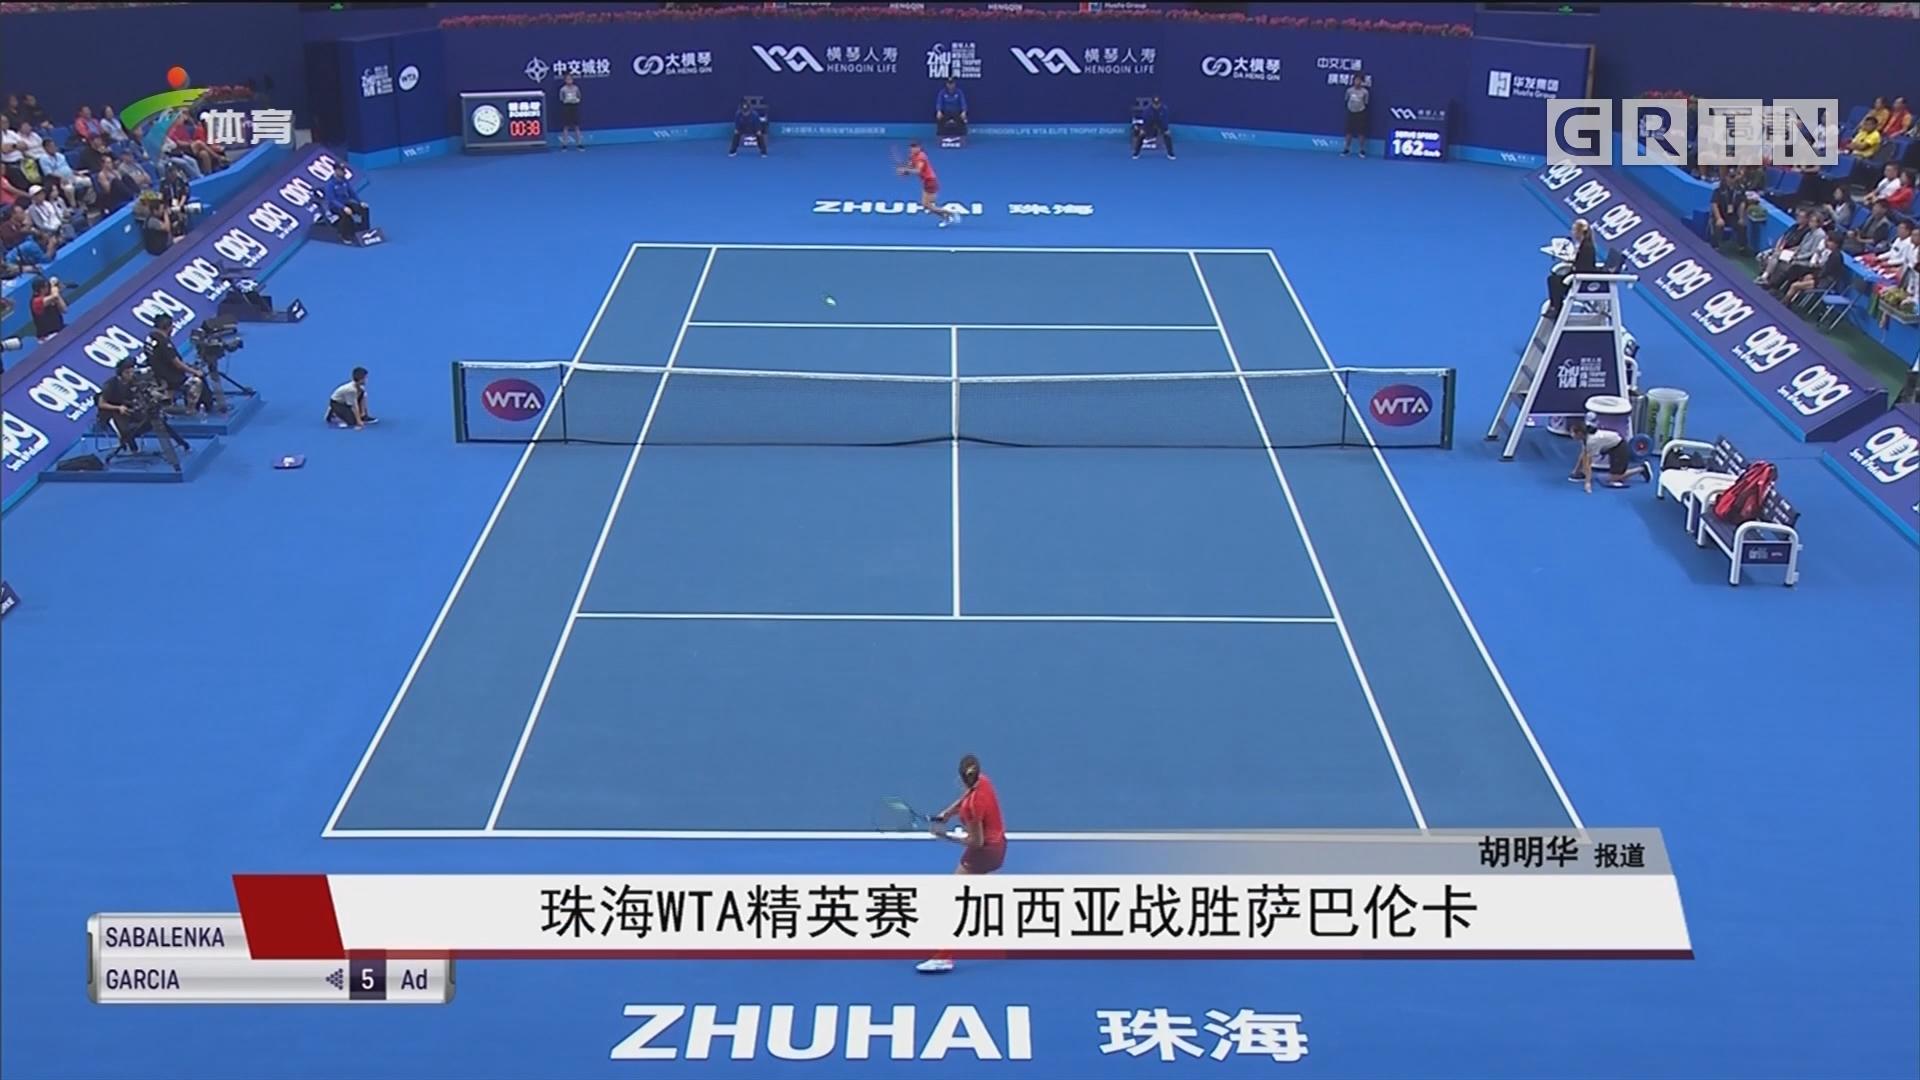 珠海WTA精英赛 加西亚战胜萨巴伦卡